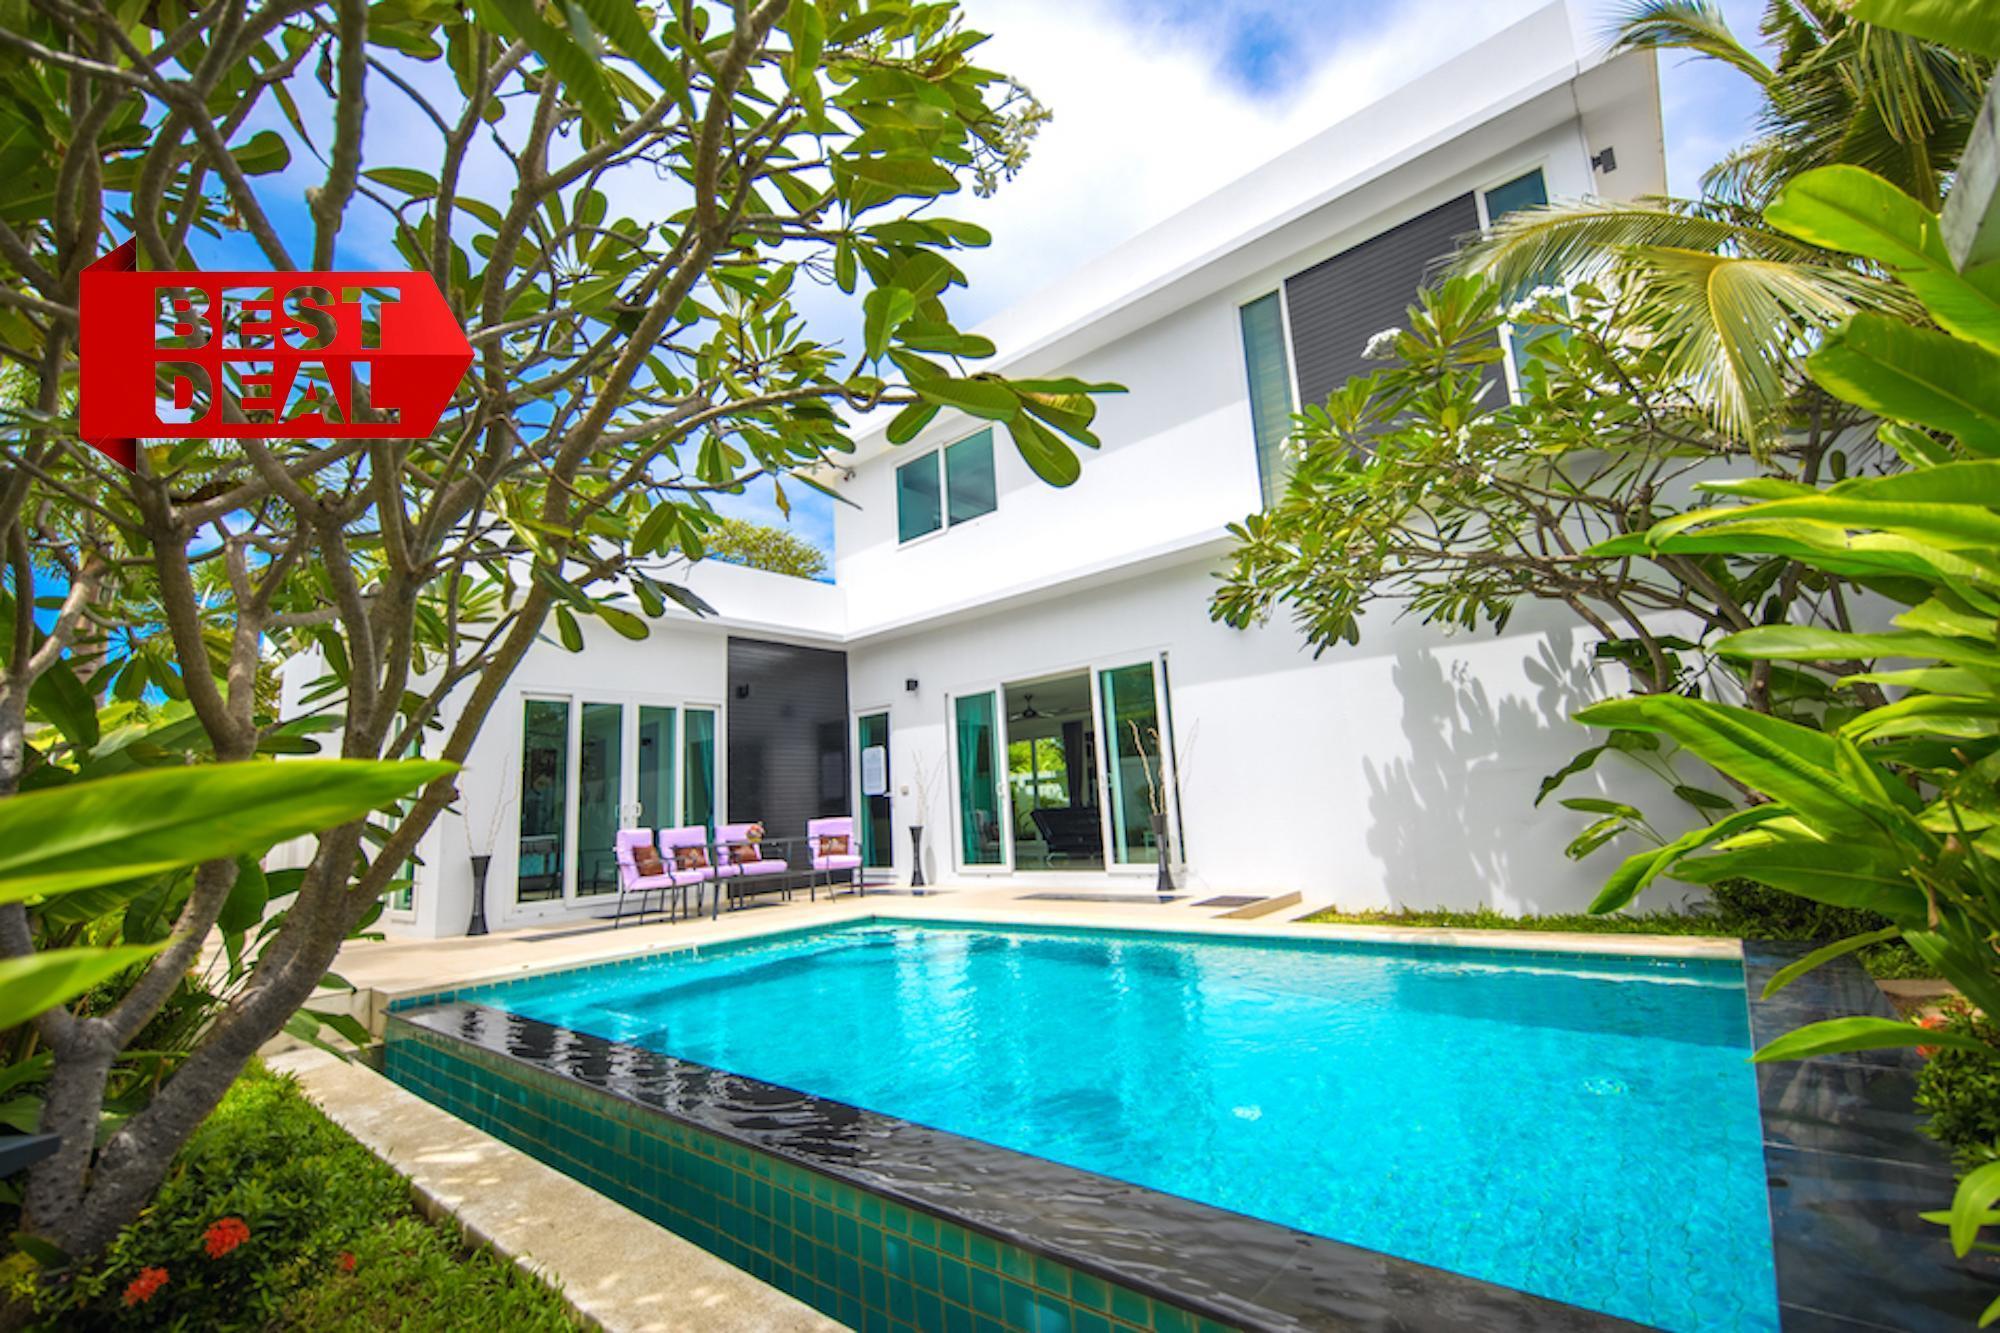 HOLLYWOOD Pool Villa 3 Bedroom Jomtien Beach